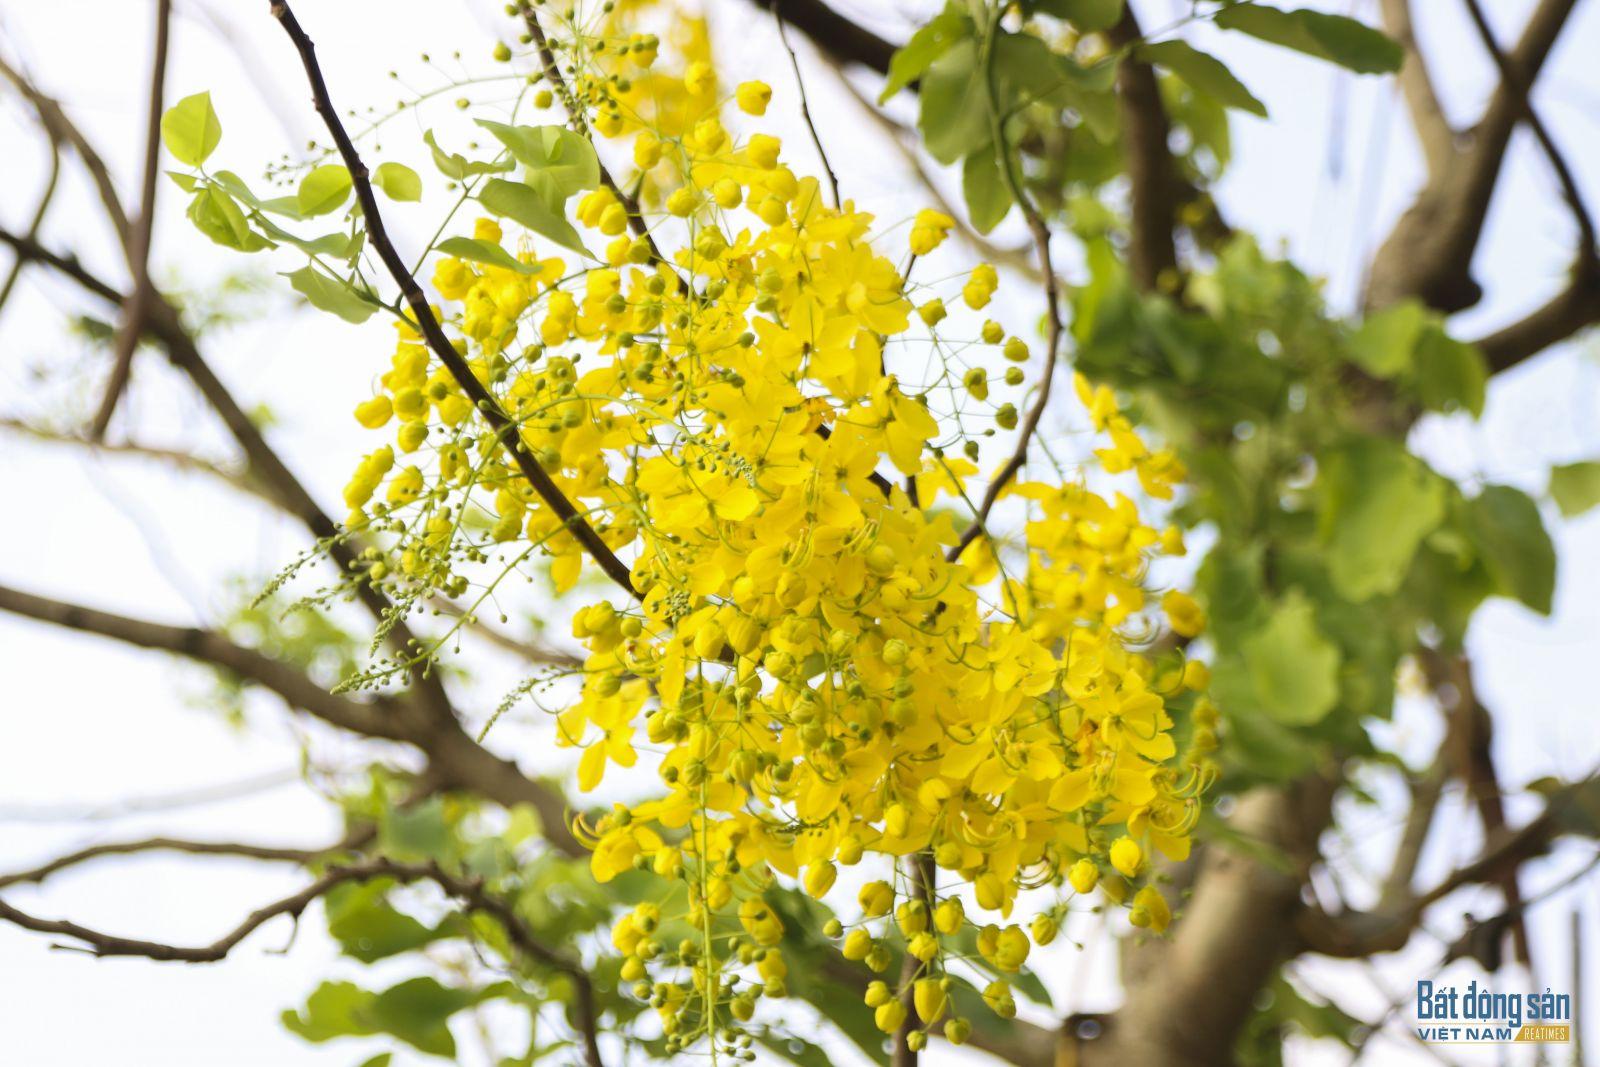 Muồng hoàng yến hay còn gọi là muồng hoàng hậu, bọ cạp vàng, hoa lồng đèn, mai dây…